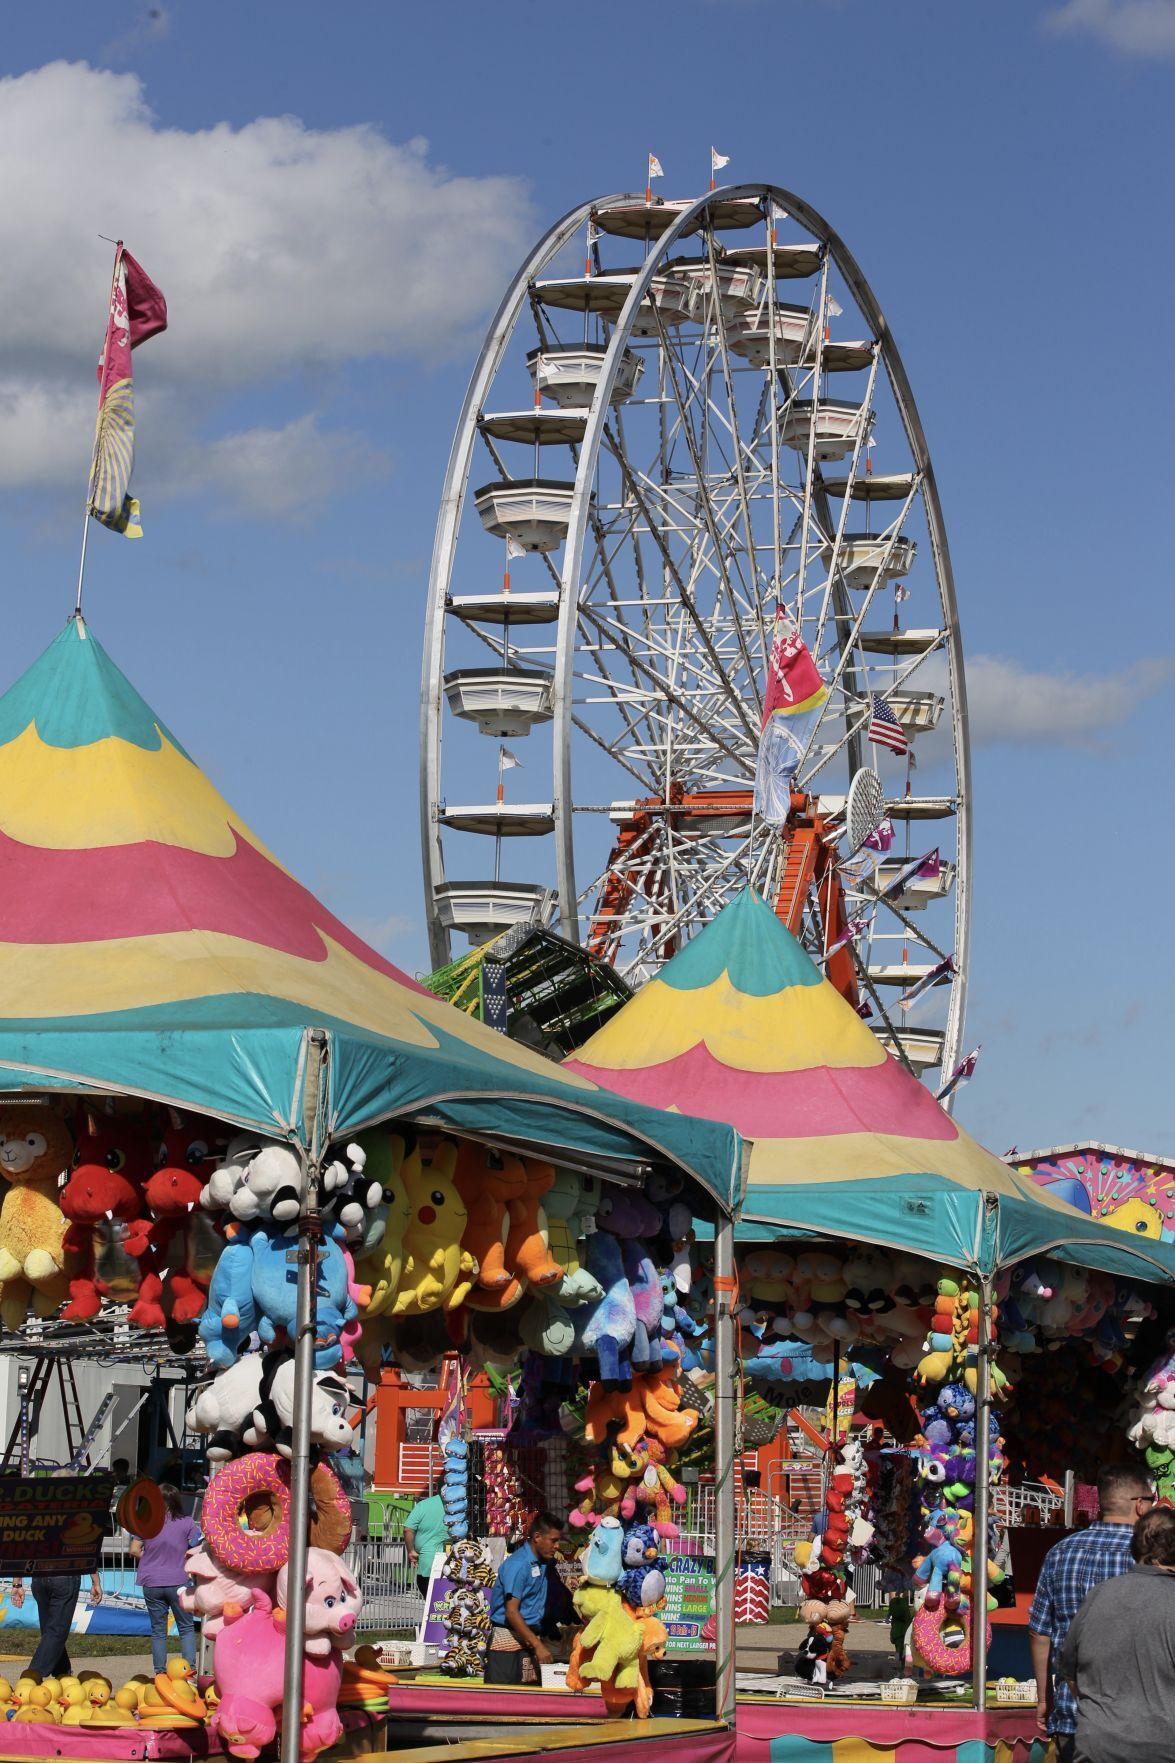 Walworth County Fair Ferris wheel